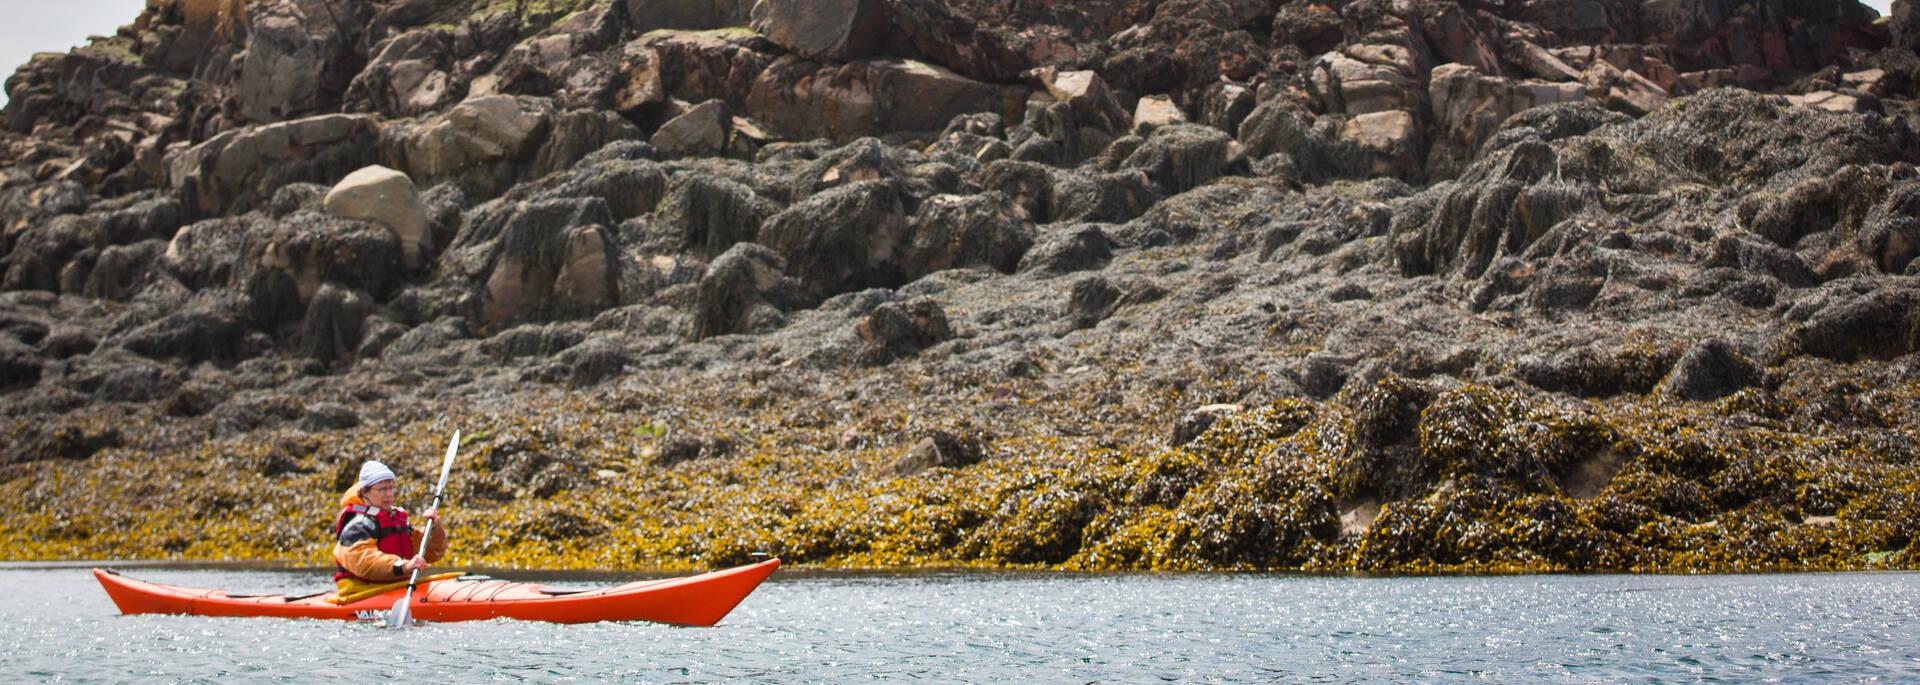 Archipel de Bréhat, kayak au pied d'un rocher ©P. Torset